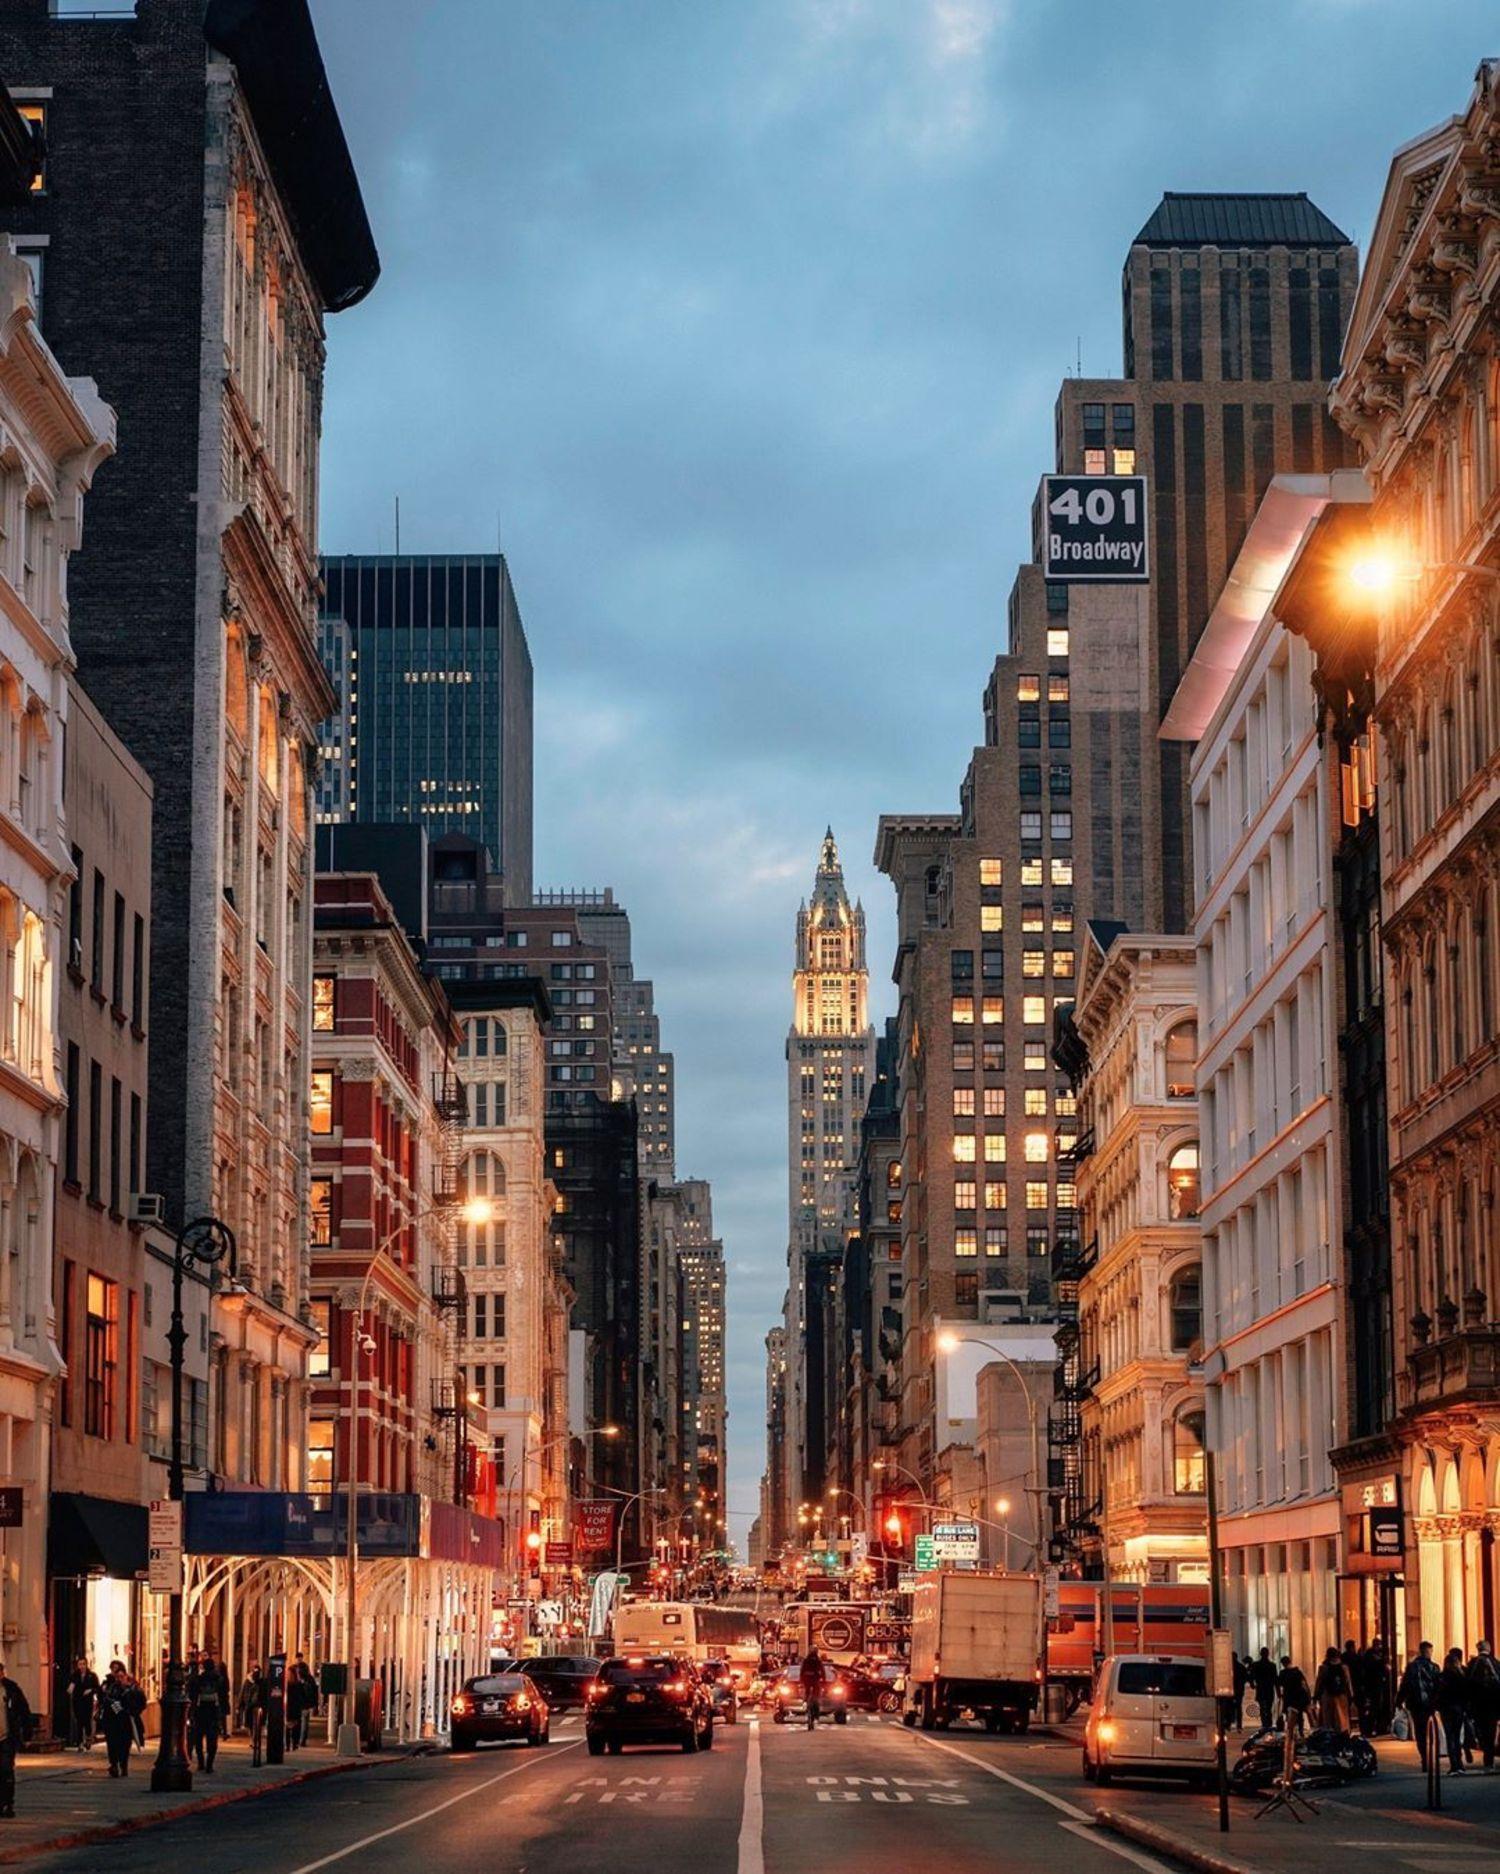 Broadway, Lower Manhattan